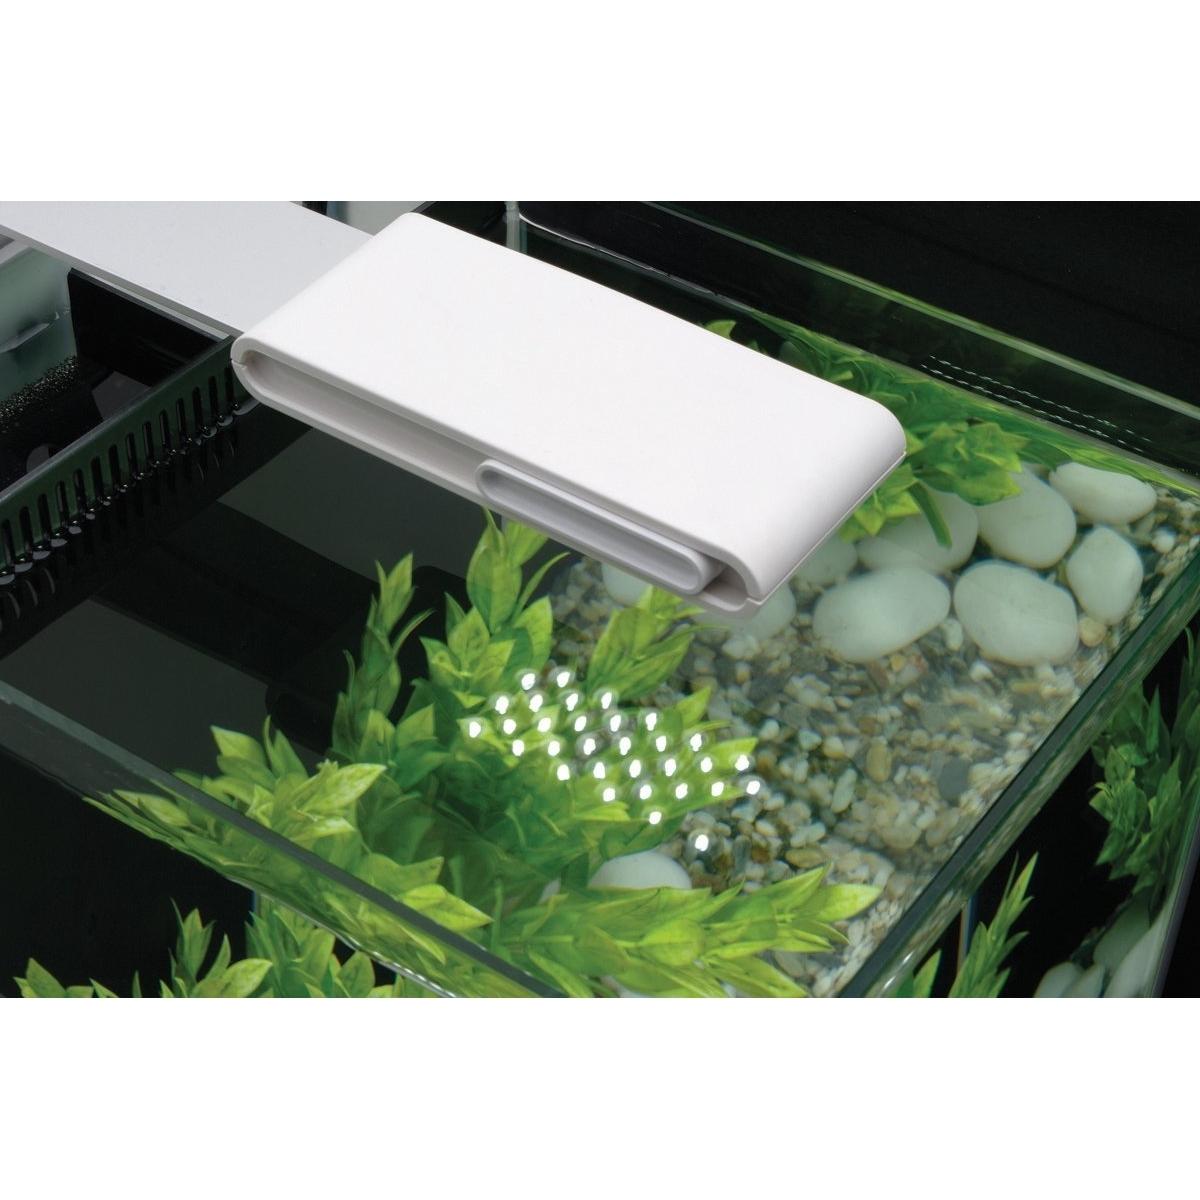 Fluval SPEC Süßwasser Aquarium Set, Bild 6